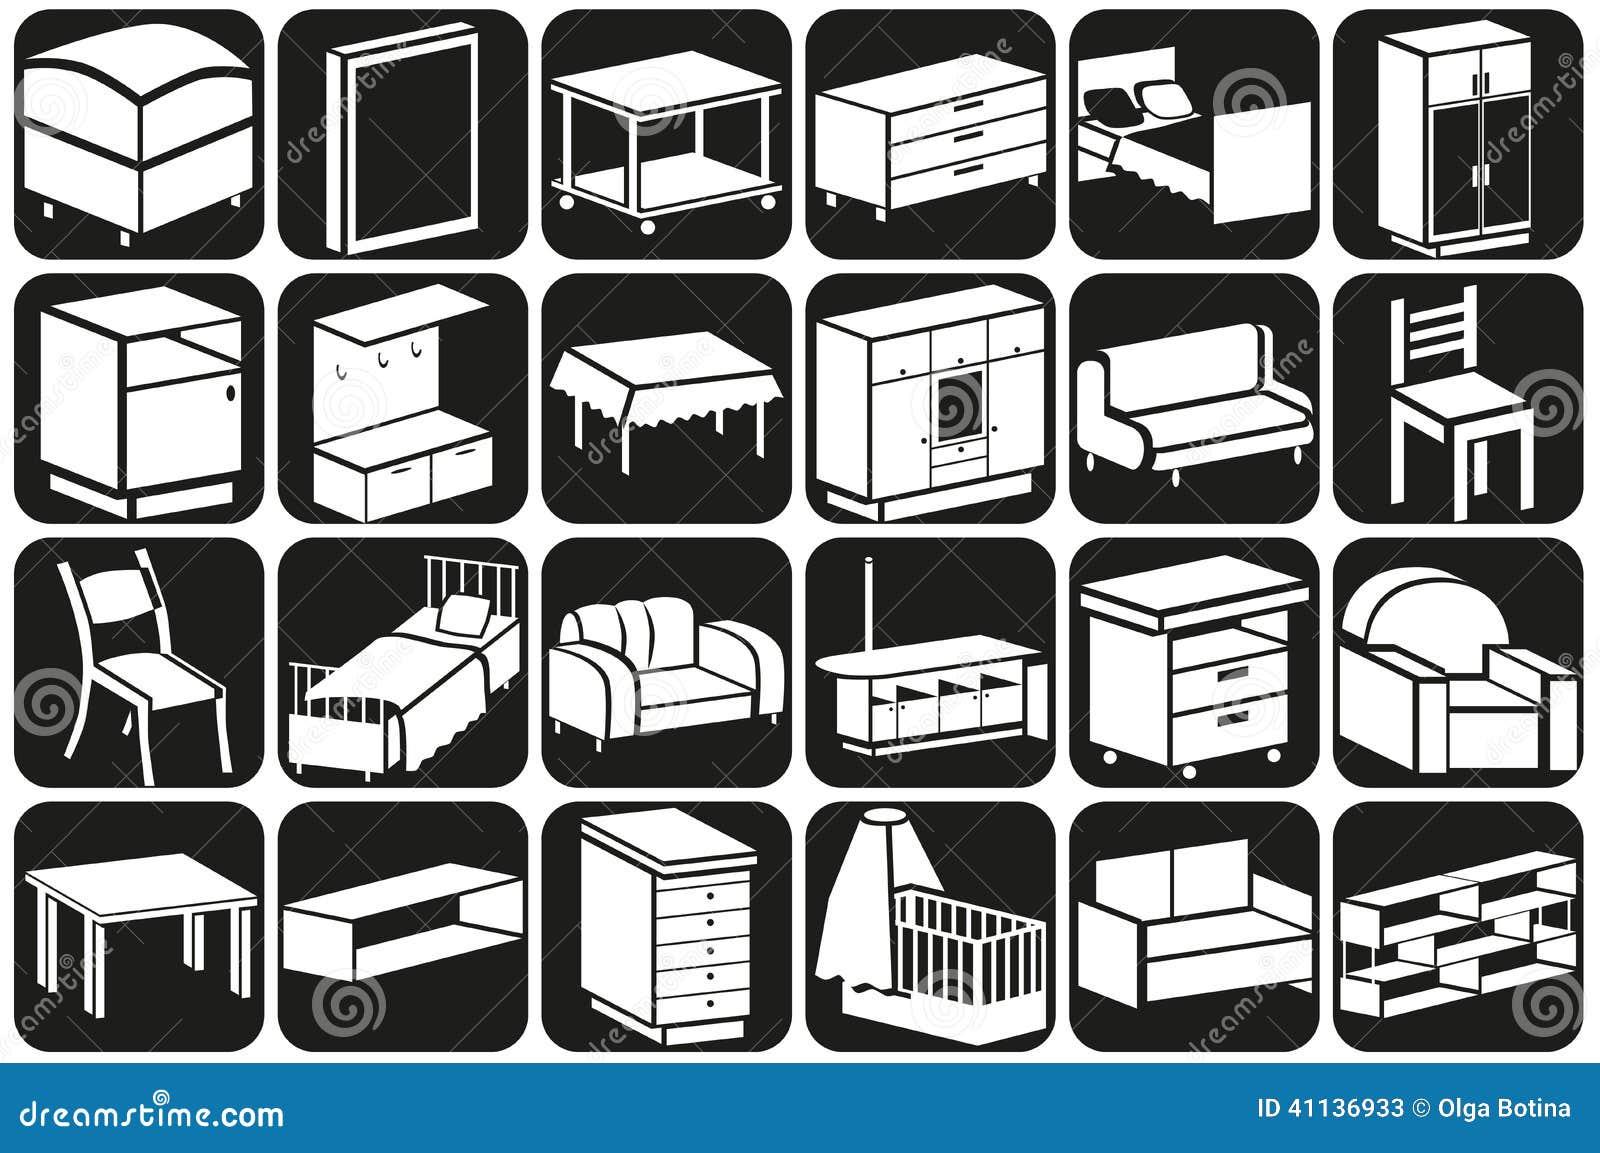 Muebles Volumen - Volumen De Los Iconos De Los Muebles Ilustraci N Del Vector [mjhdah]https://s-media-cache-ak0.pinimg.com/originals/2a/99/95/2a99958921d9157c25b30870db44f23f.jpg